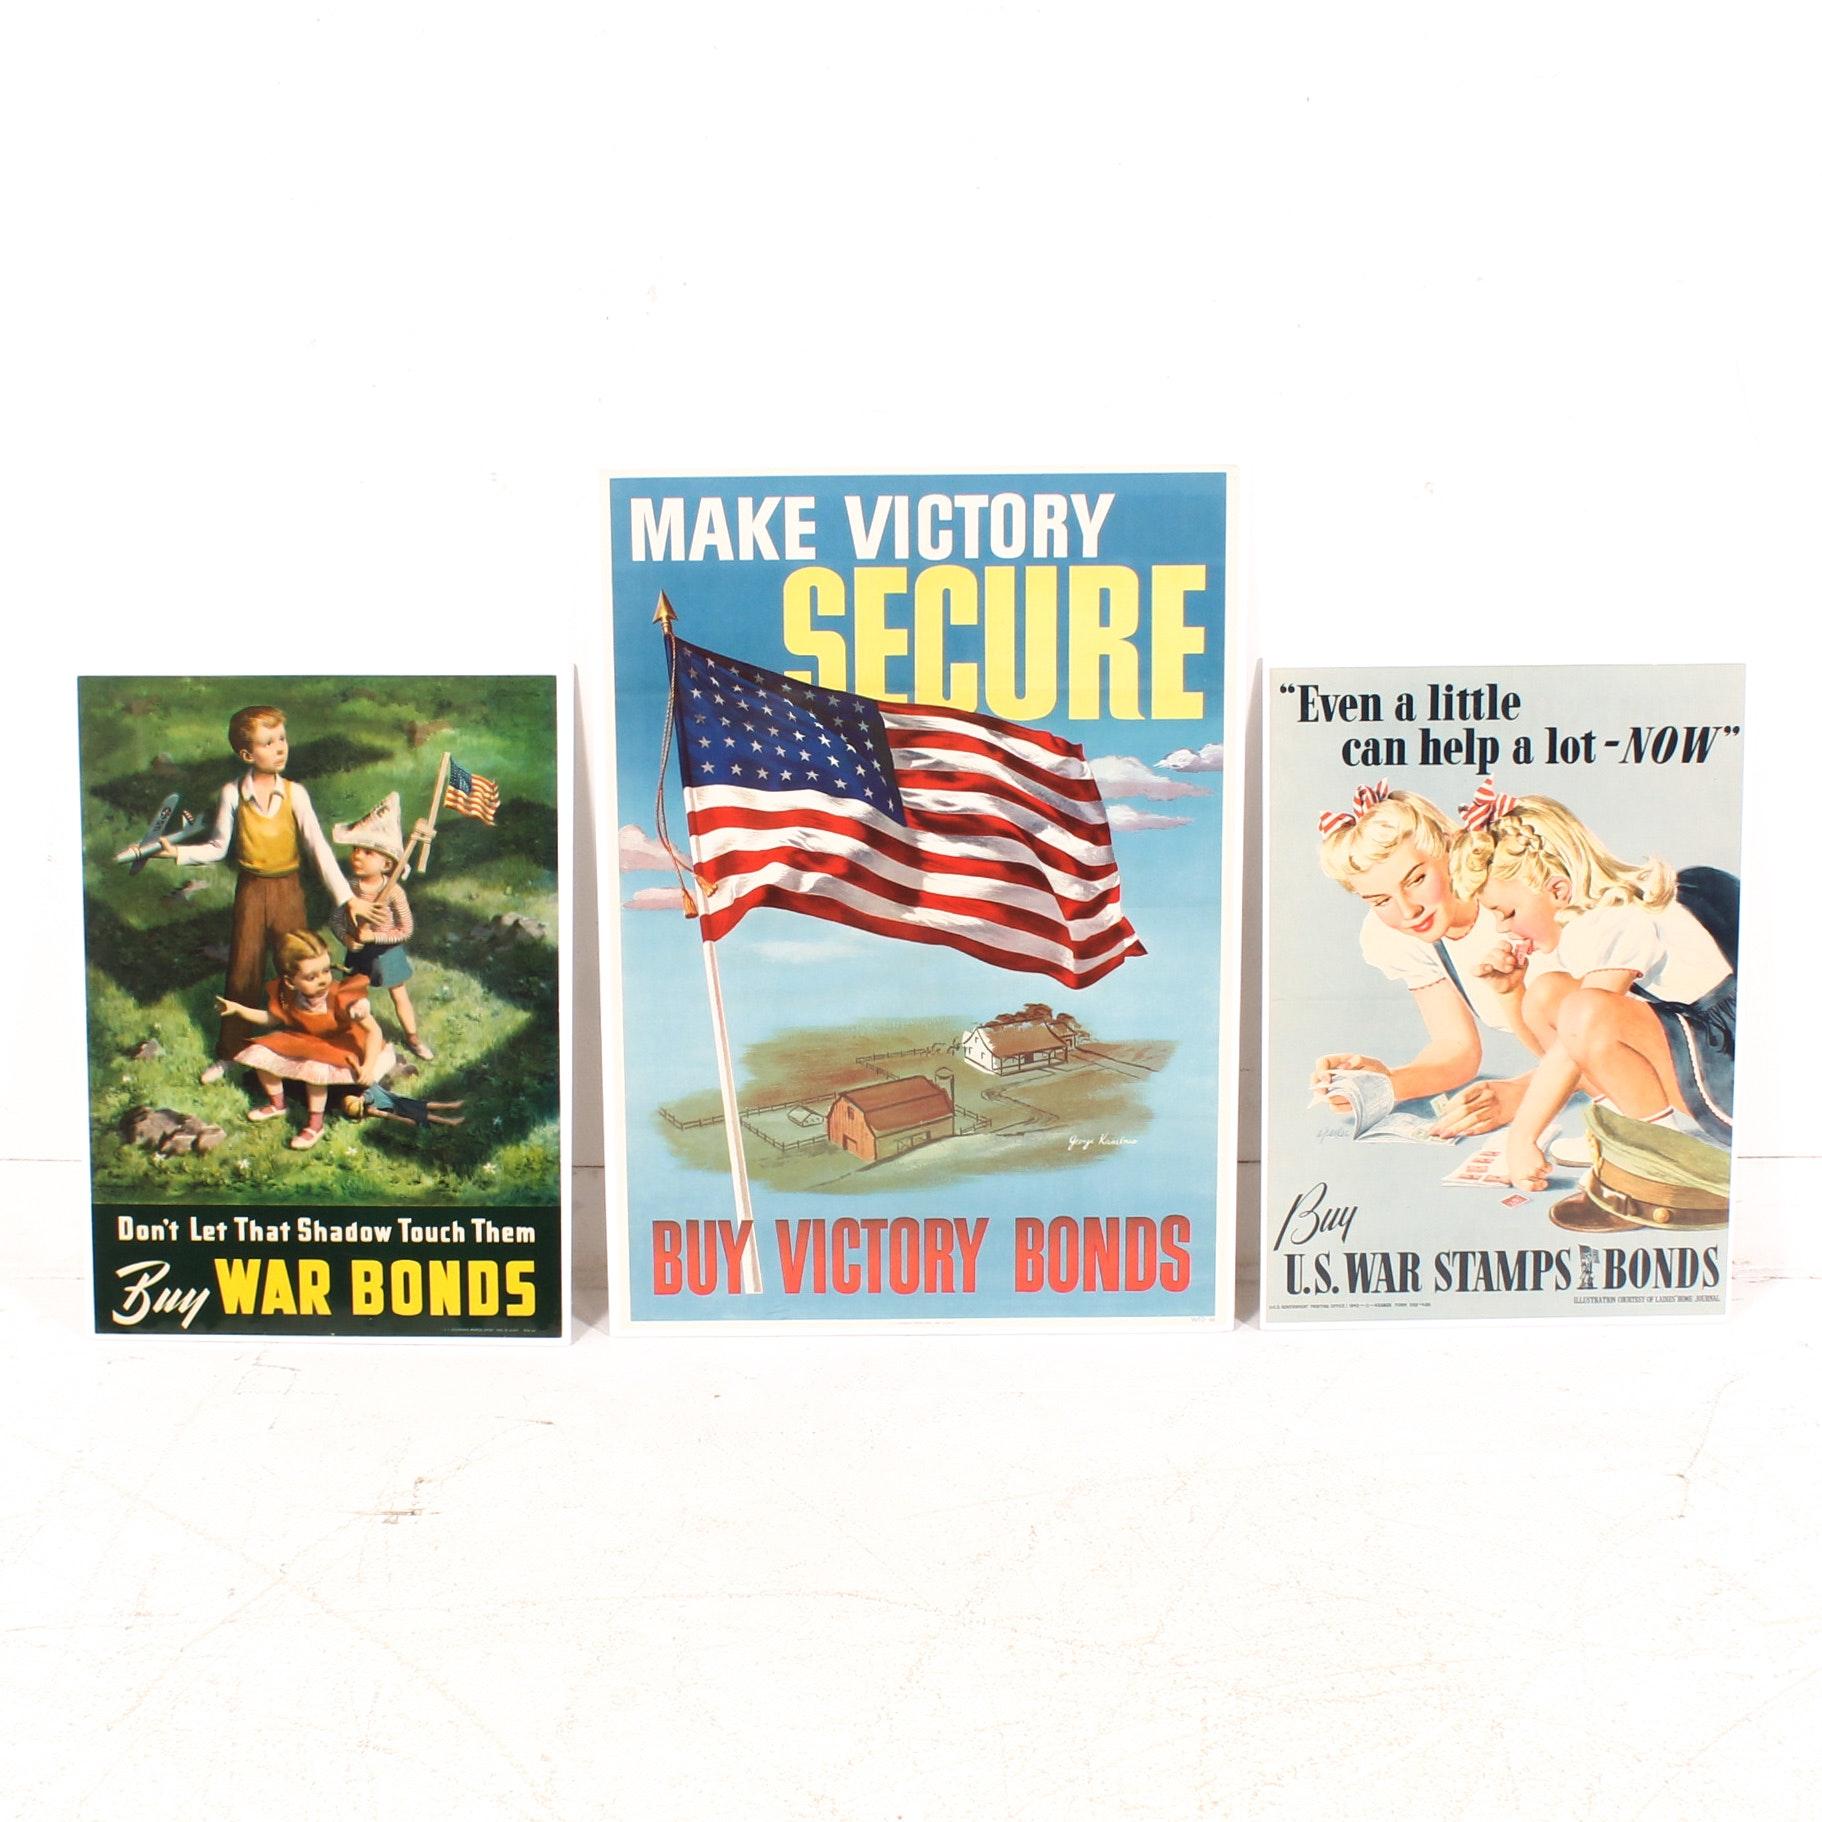 World War 2 War Bonds Posters